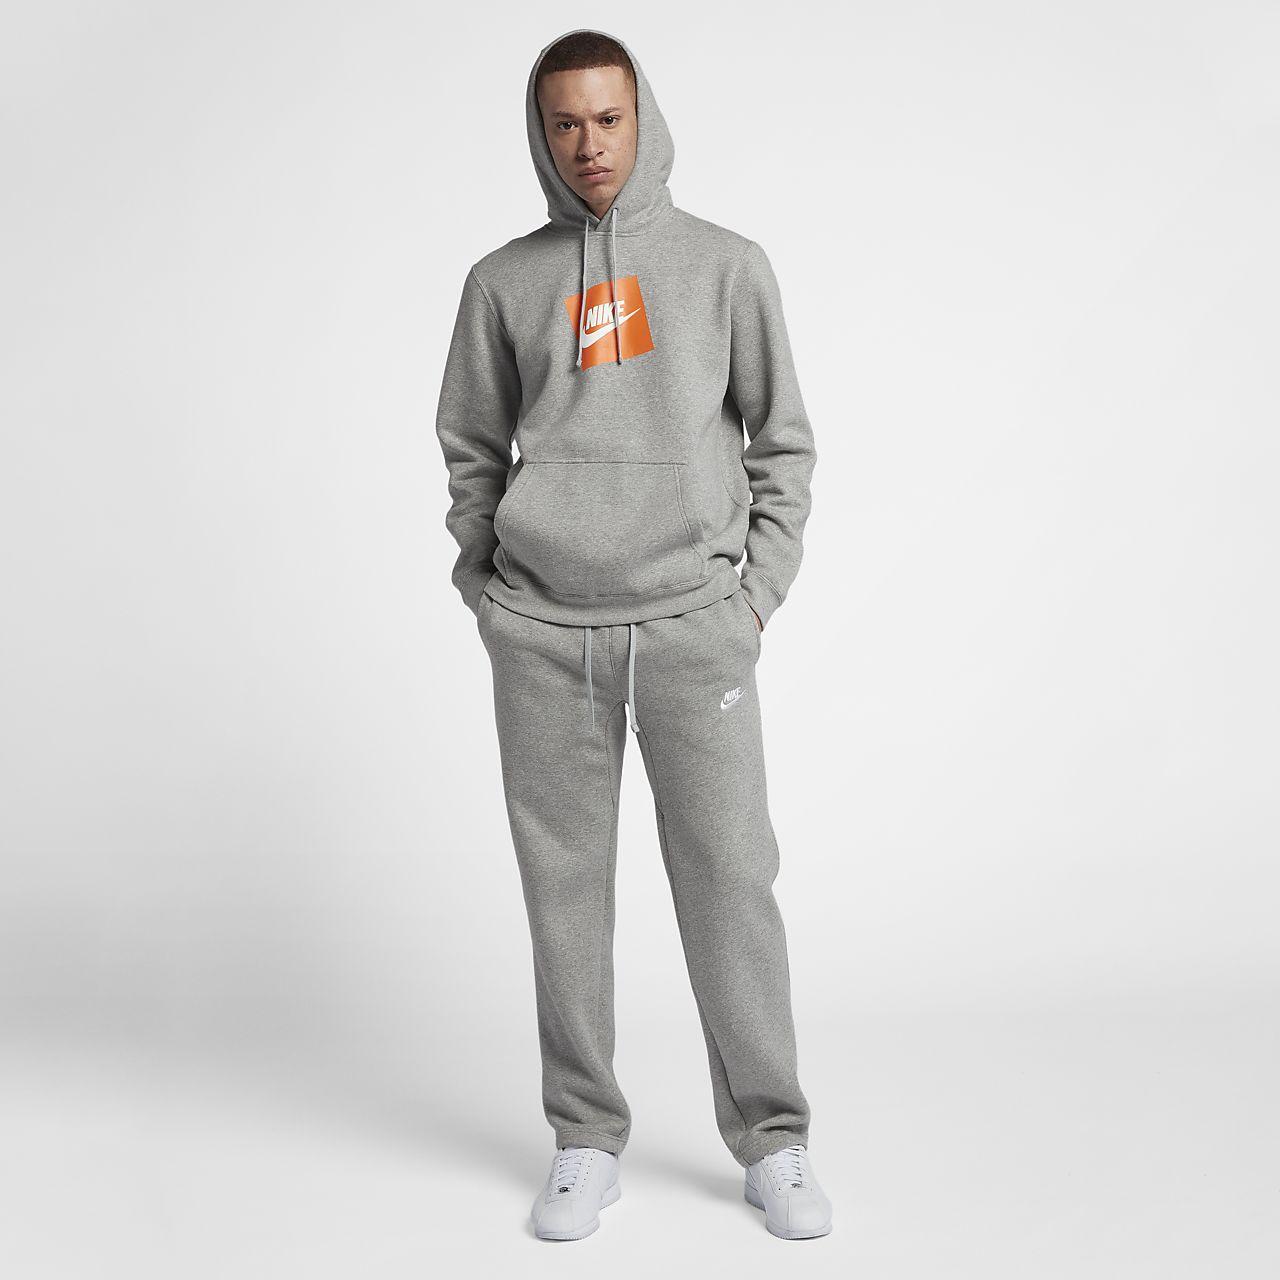 65a39d79 Nike Sportswear Club Fleece Men's Pants. Nike.com